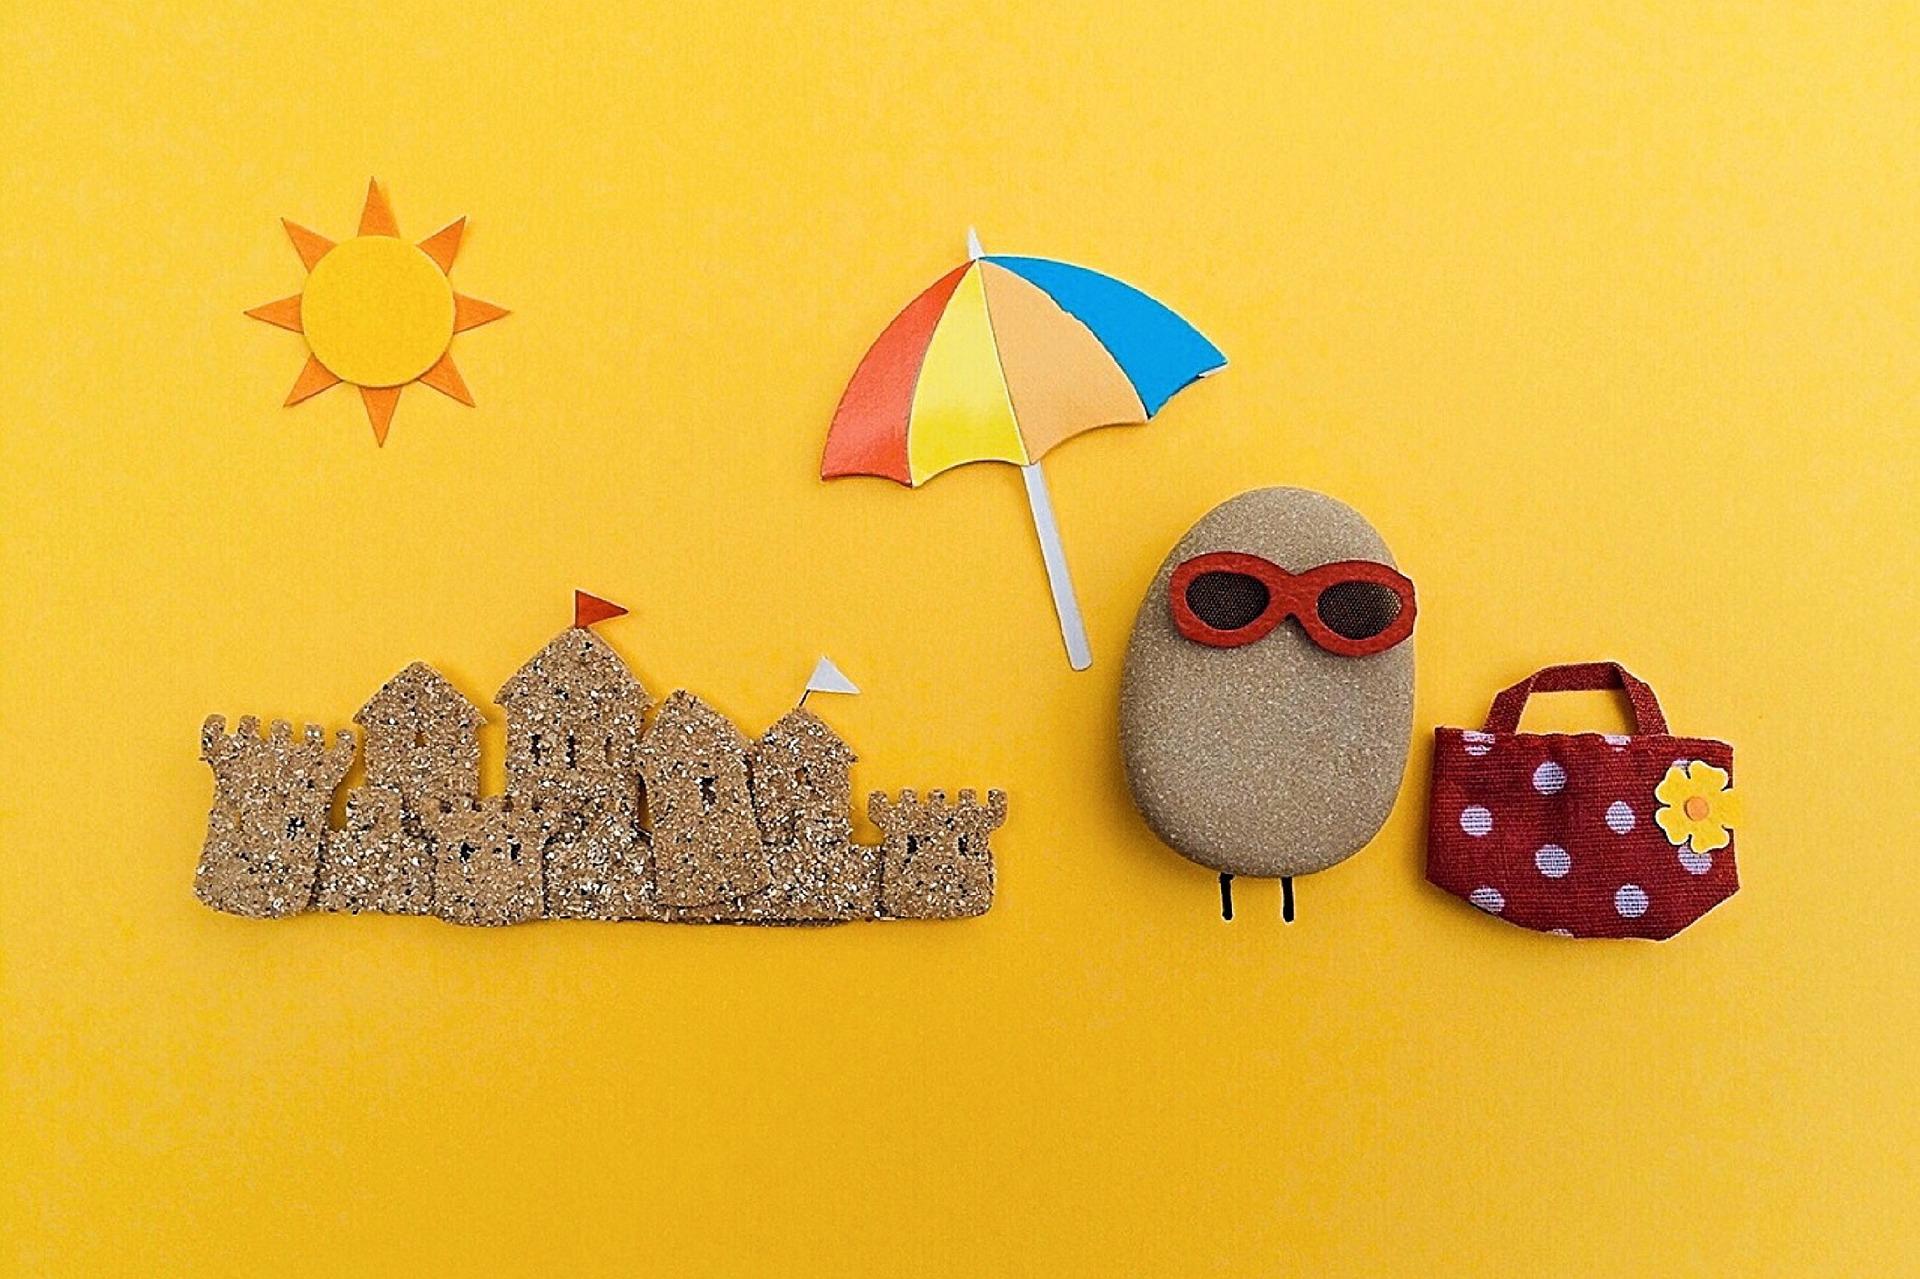 Letnje priče: Letnji solsticij – Vreme za ispunjenje želja!